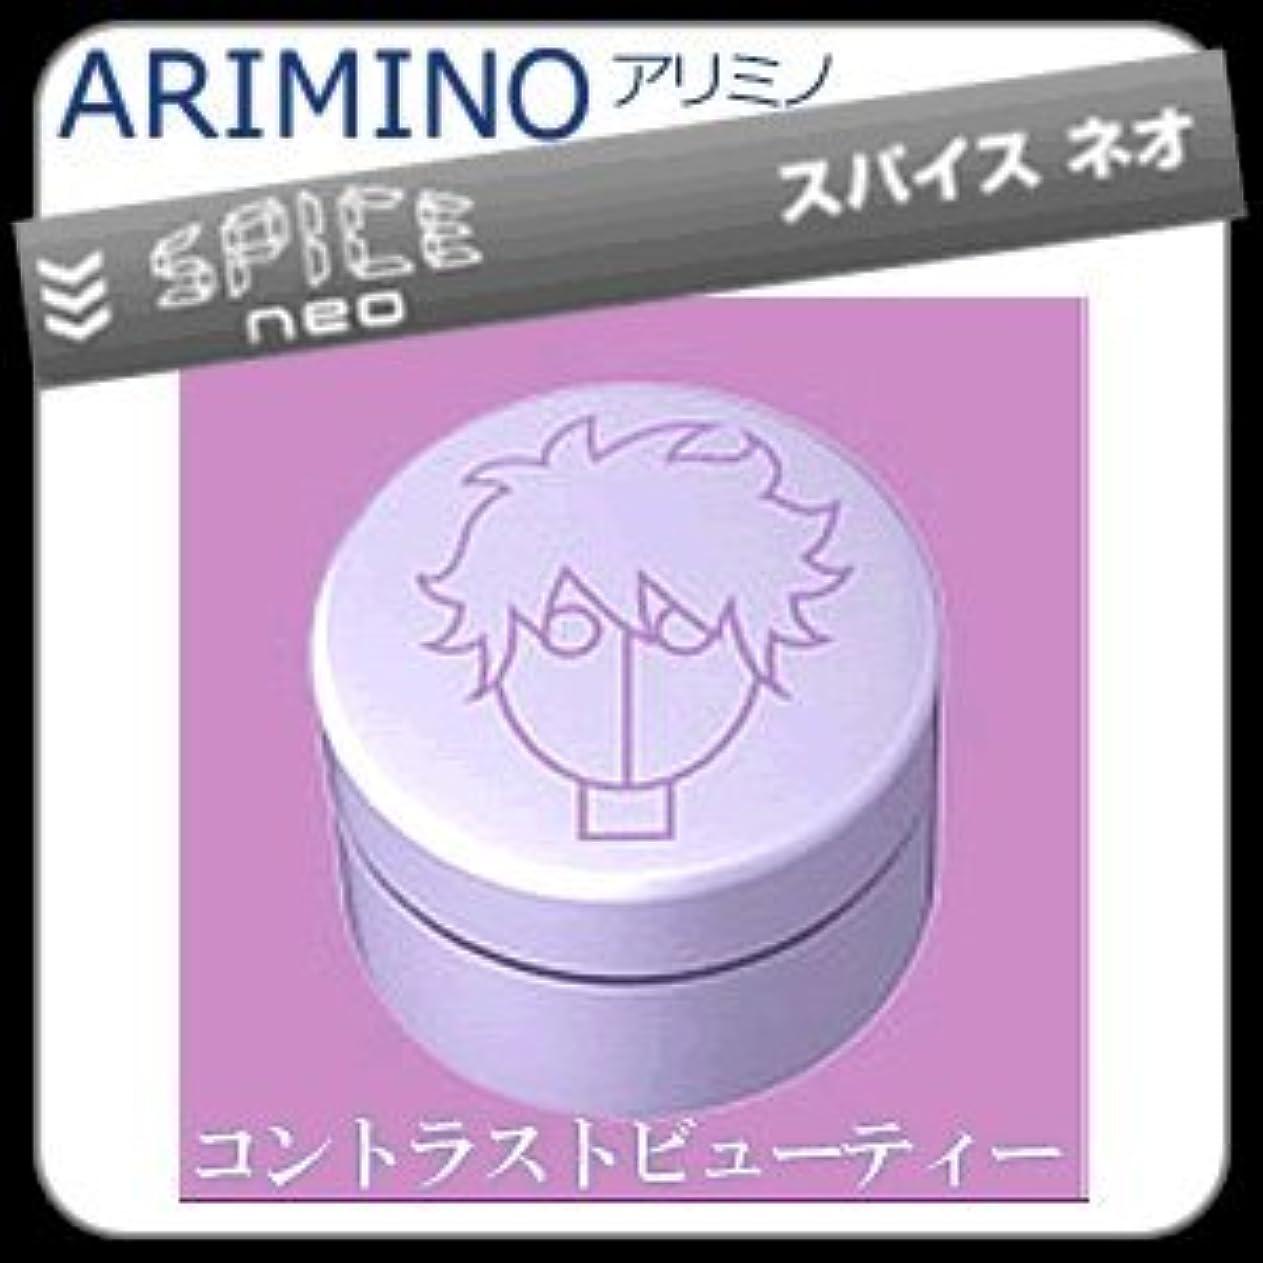 大トラブル誤って【X3個セット】 アリミノ スパイスネオ FIBER-WAX ファイバーワックス 100g ARIMINO SPICE neo